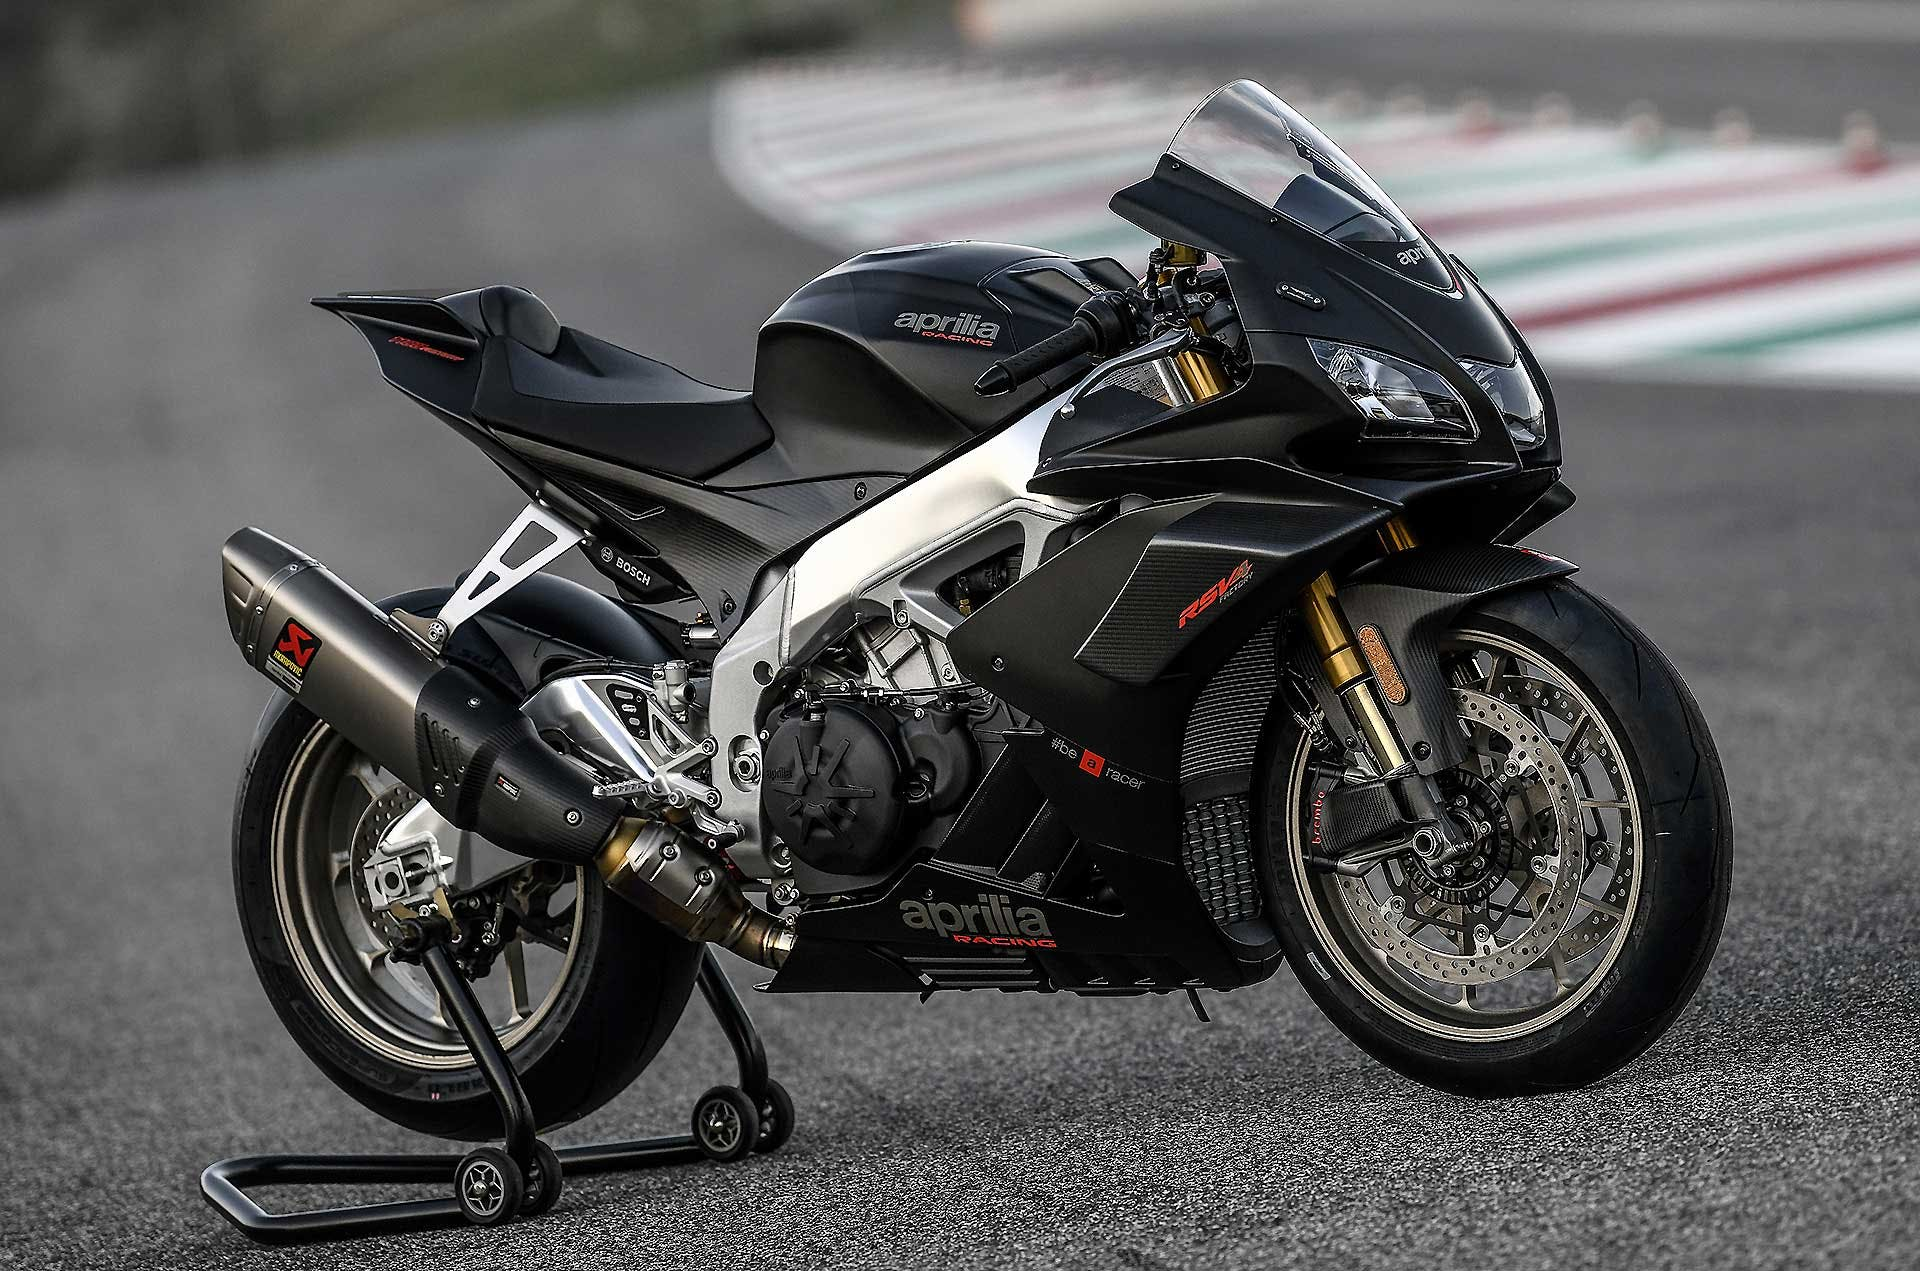 Aprilia RSV4 1100 Factory moto nera vista laterale statica pista